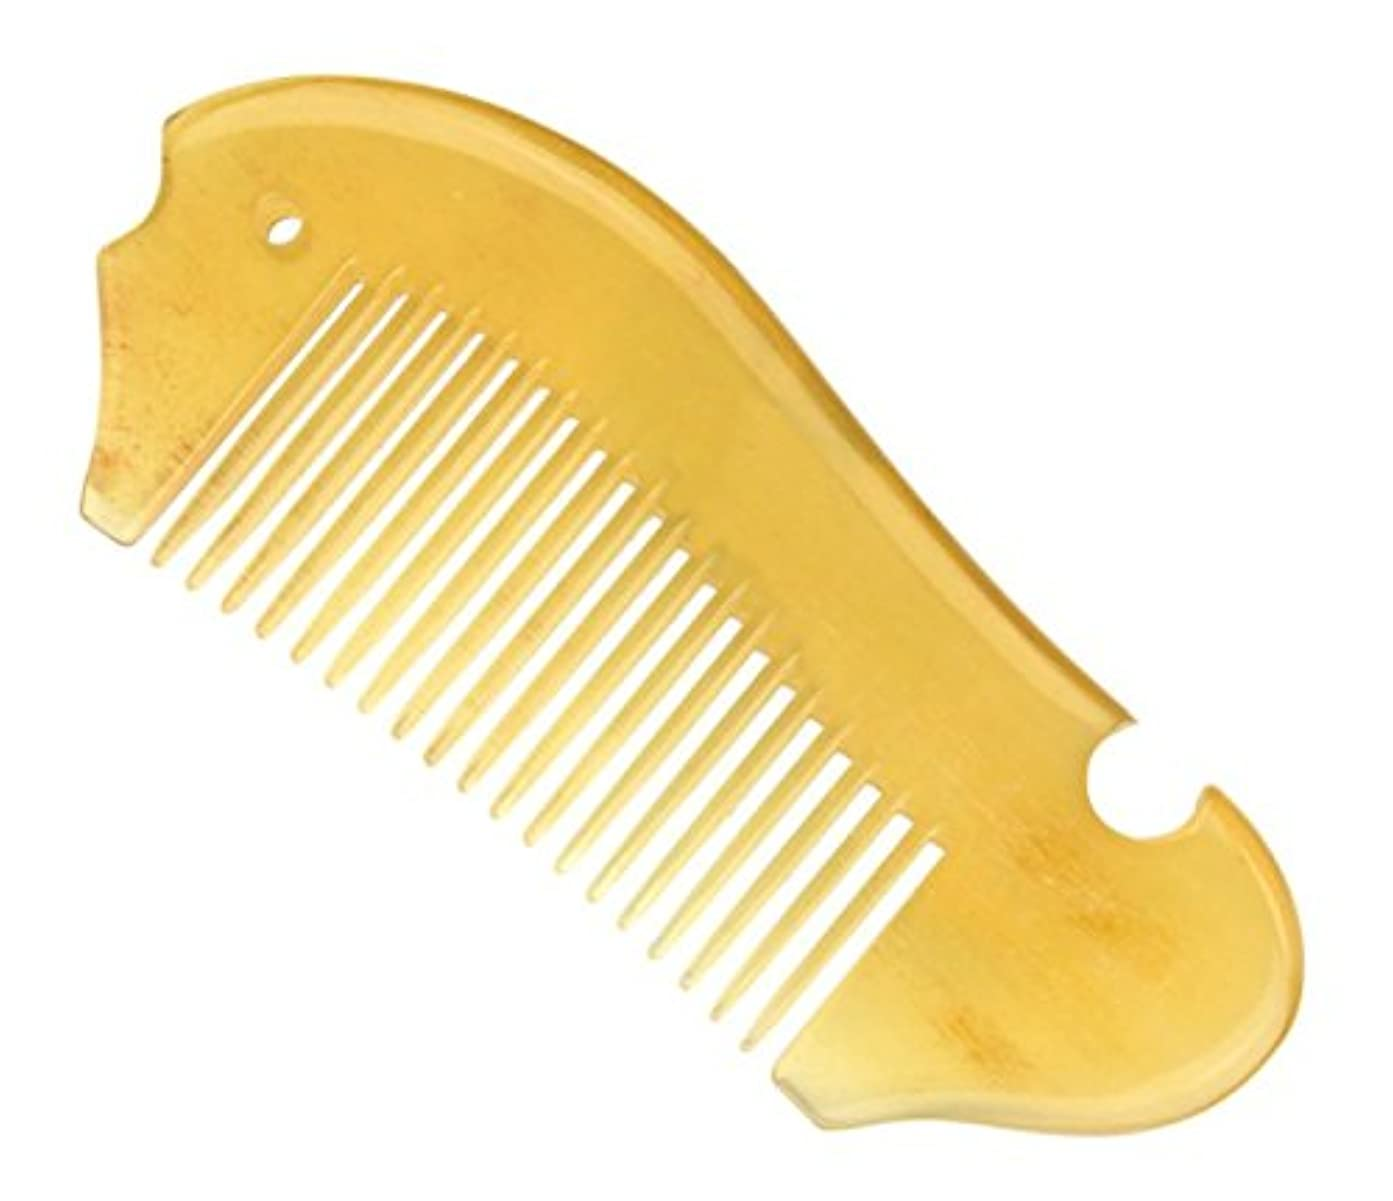 天気保持する哲学者櫛型 プロも使う羊角かっさプレート マサージ用 血行改善 高級 天然 静電気防止 美髪 美顔 ボディ リンパマッサージ